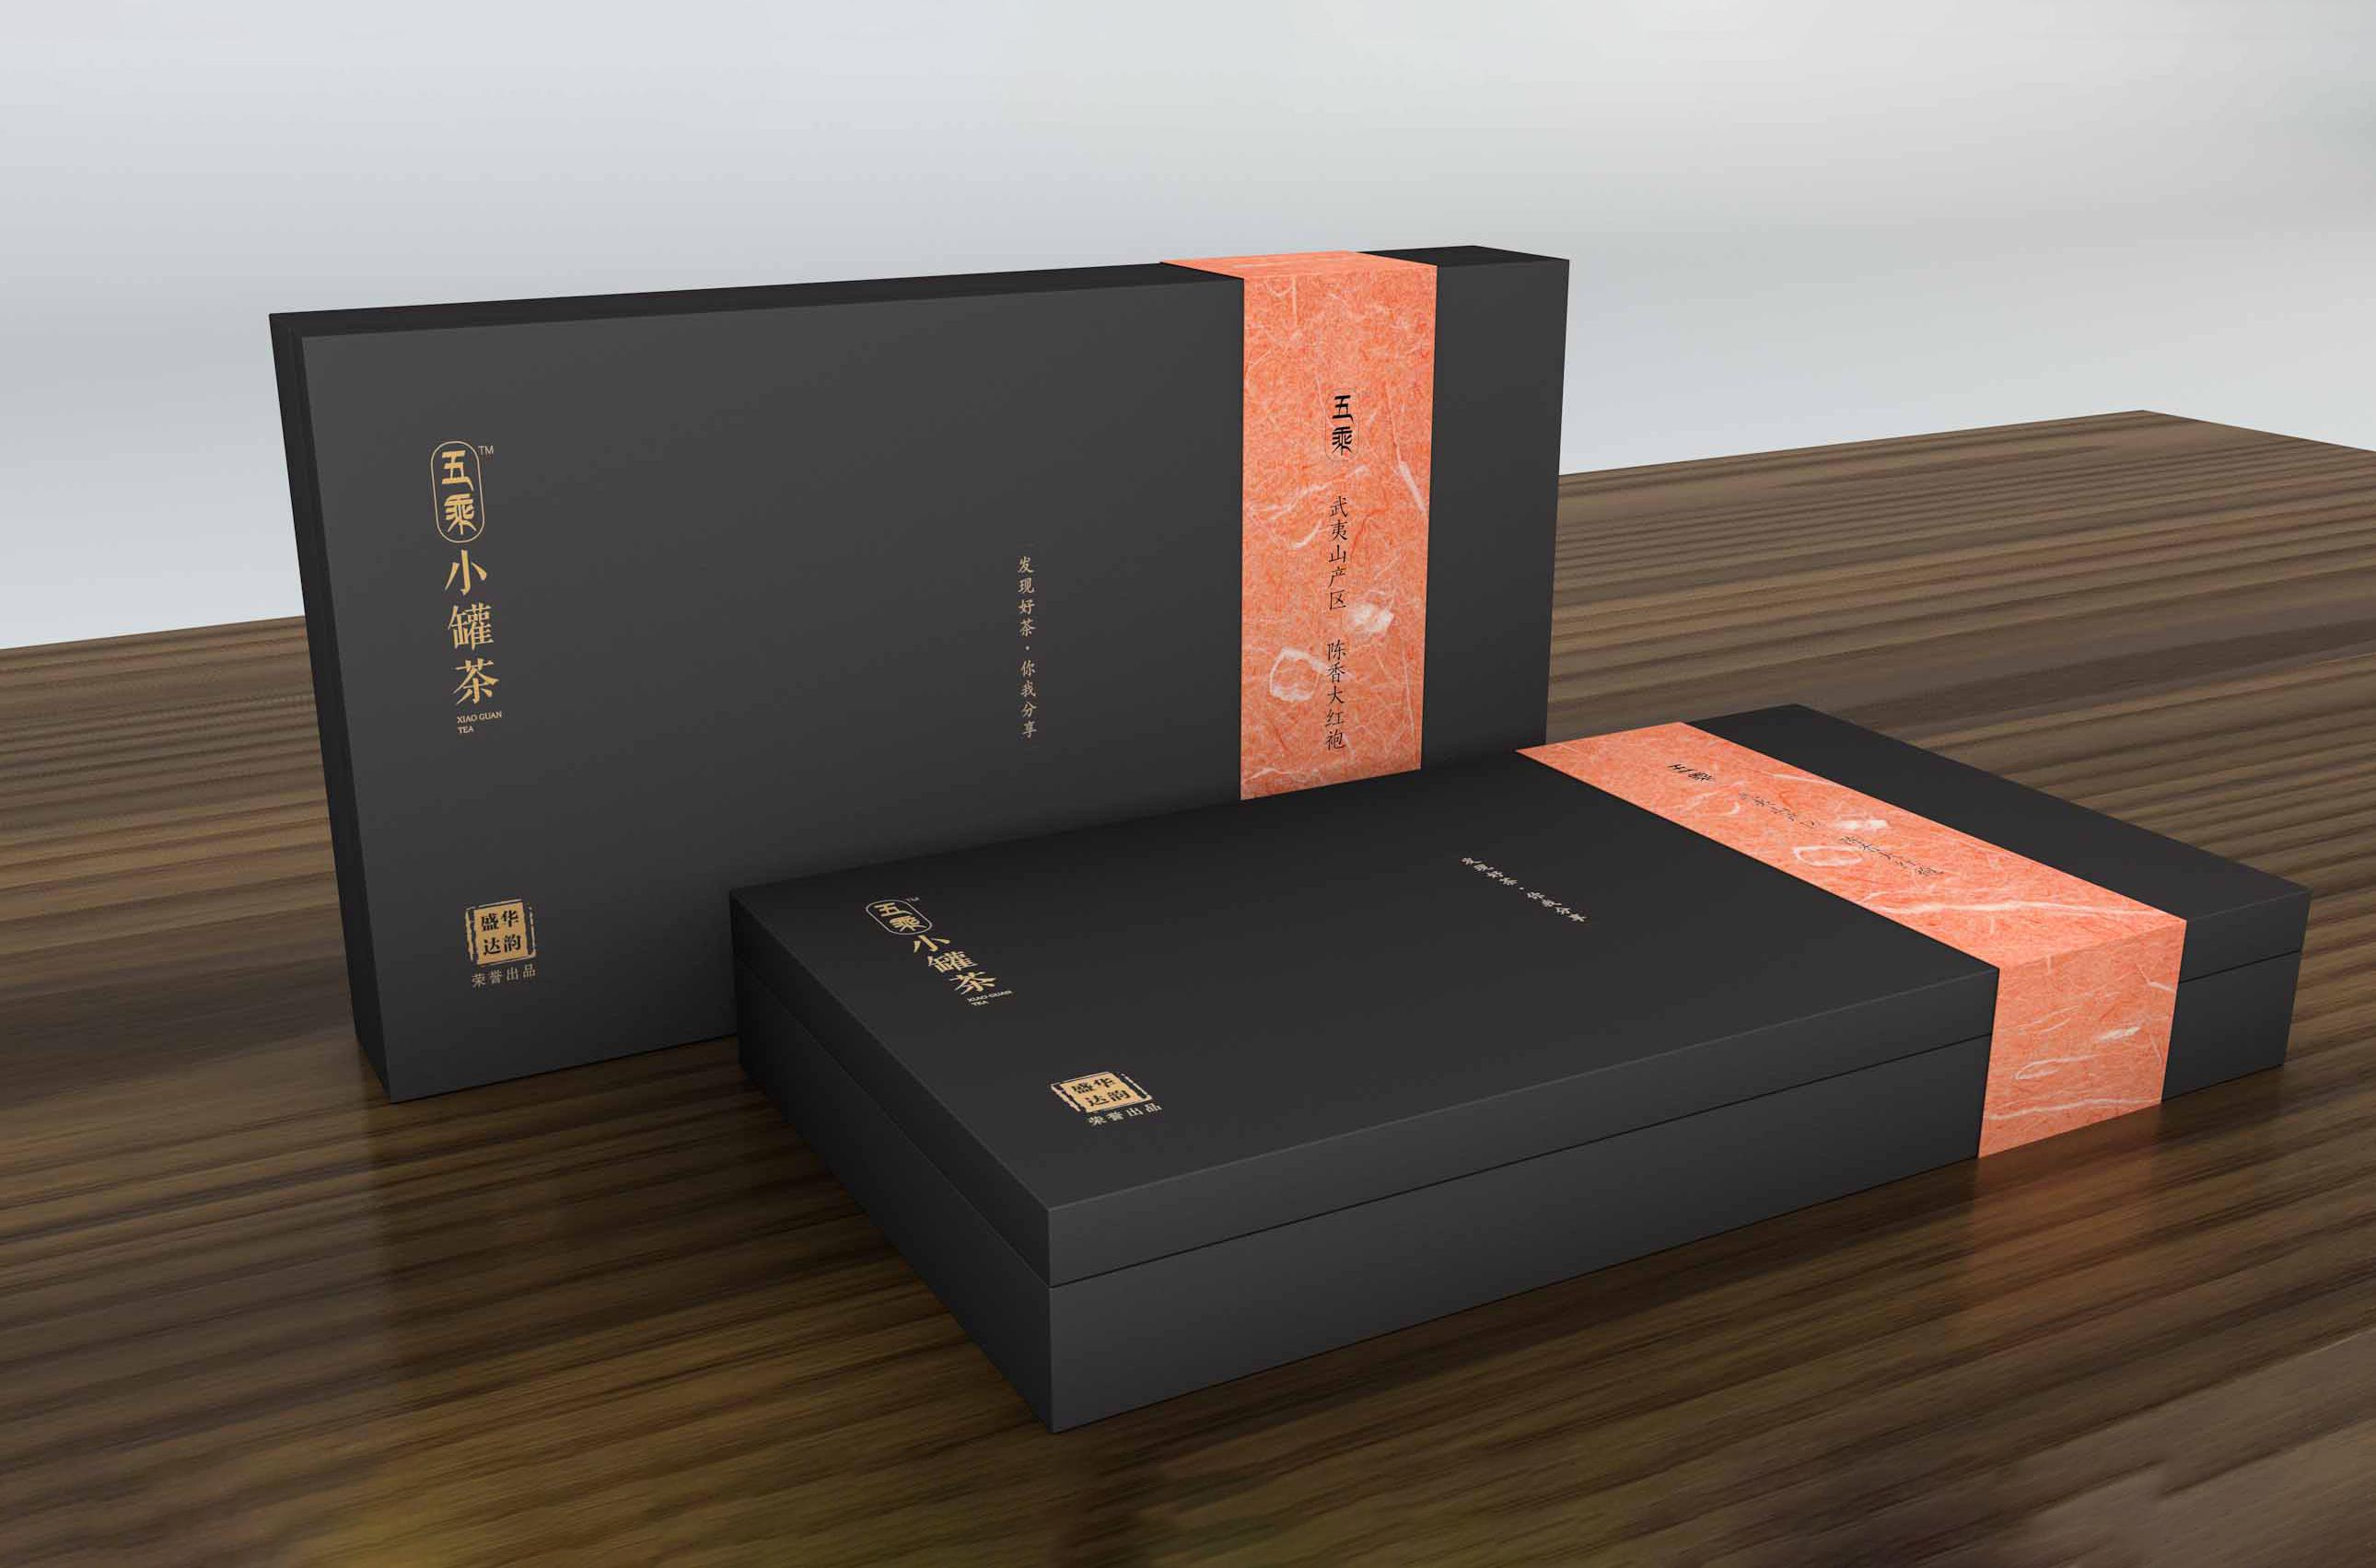 五乘小罐茶包装设计提案 / 方案一 /  运城礼盒包装设计高端茶叶包装设计 灵感来源:佛教中具有代表和象征的莲瓣图案和种植茶叶的茶山。 图形创意:提取莲瓣图案做变形,作为产品名称和延展图形,贯穿整套包装。手绘插画形式的写意茶山,主题突出、形象古朴、纯粹脱俗。符合禅茶一味的心境,空持千百偈,不如吃茶去。